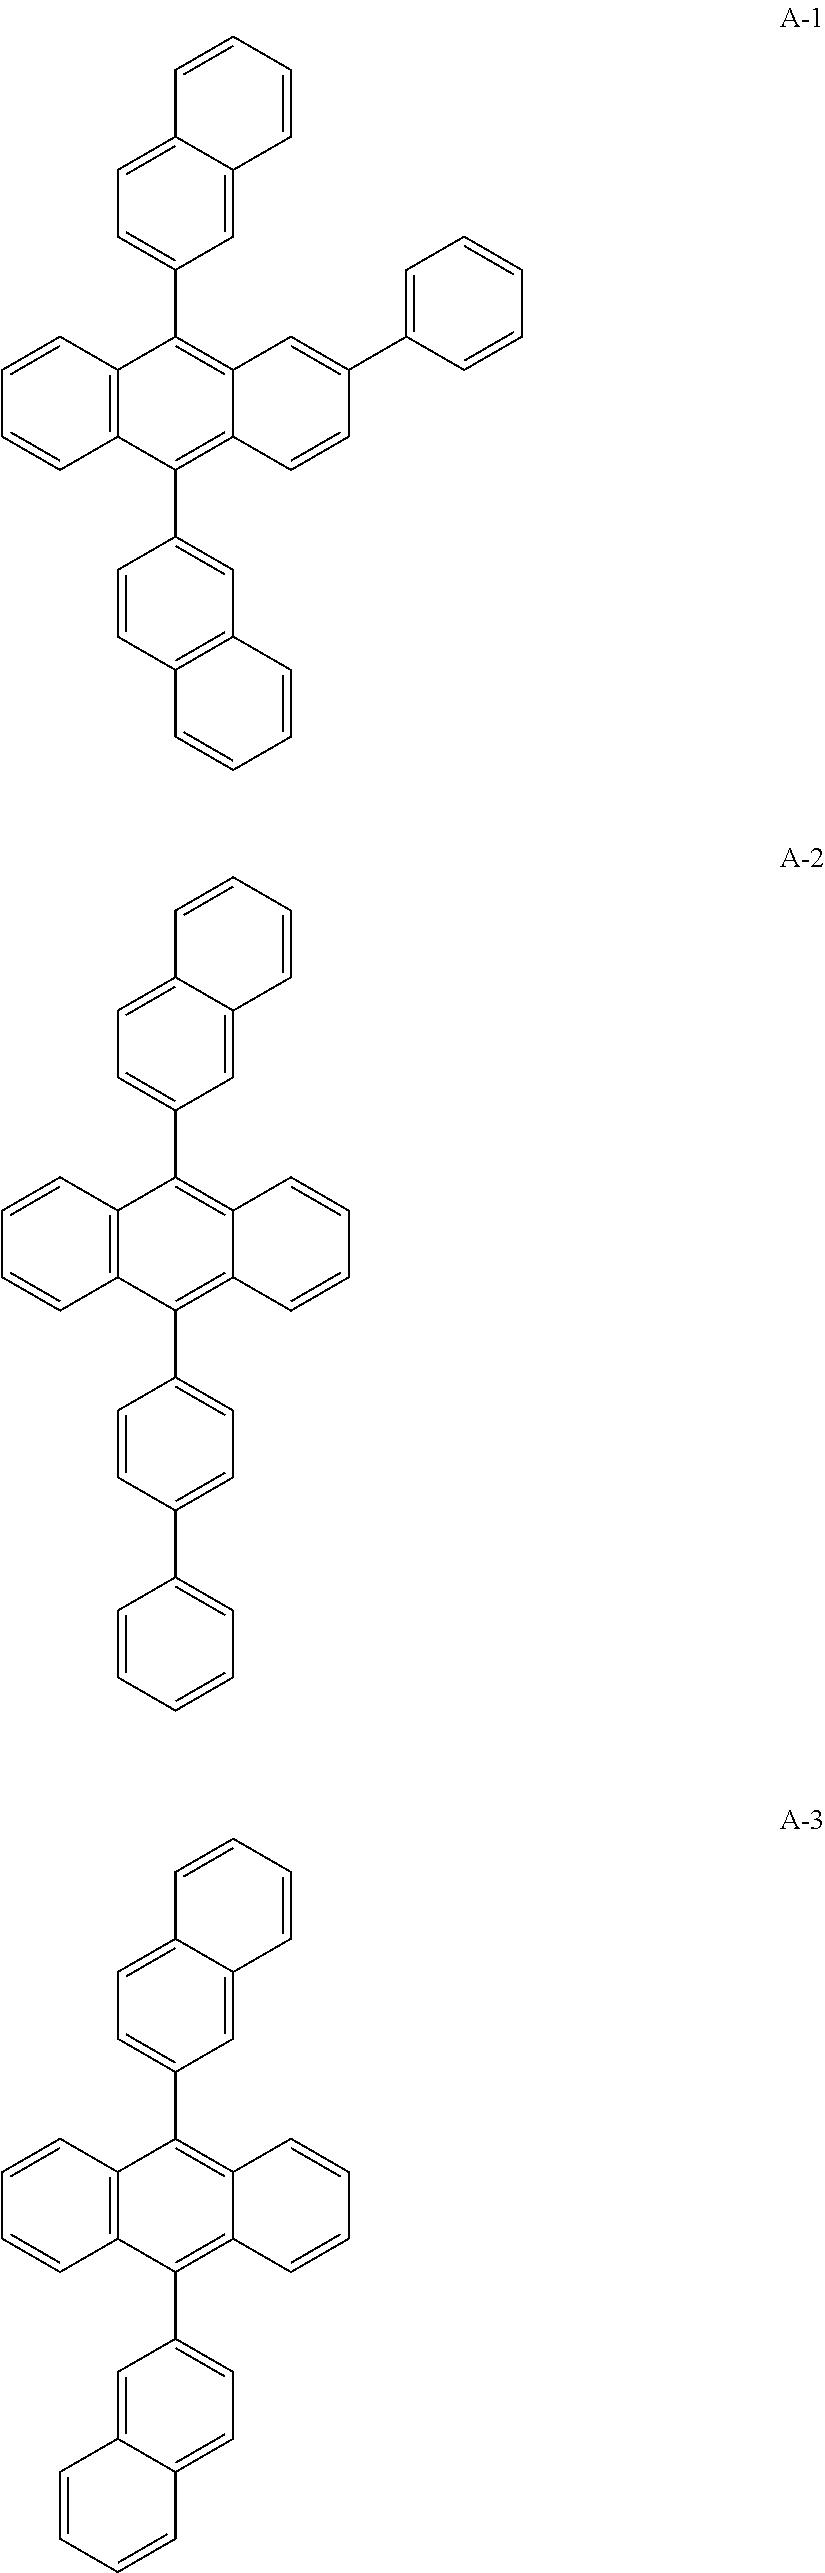 Figure US08242489-20120814-C00002